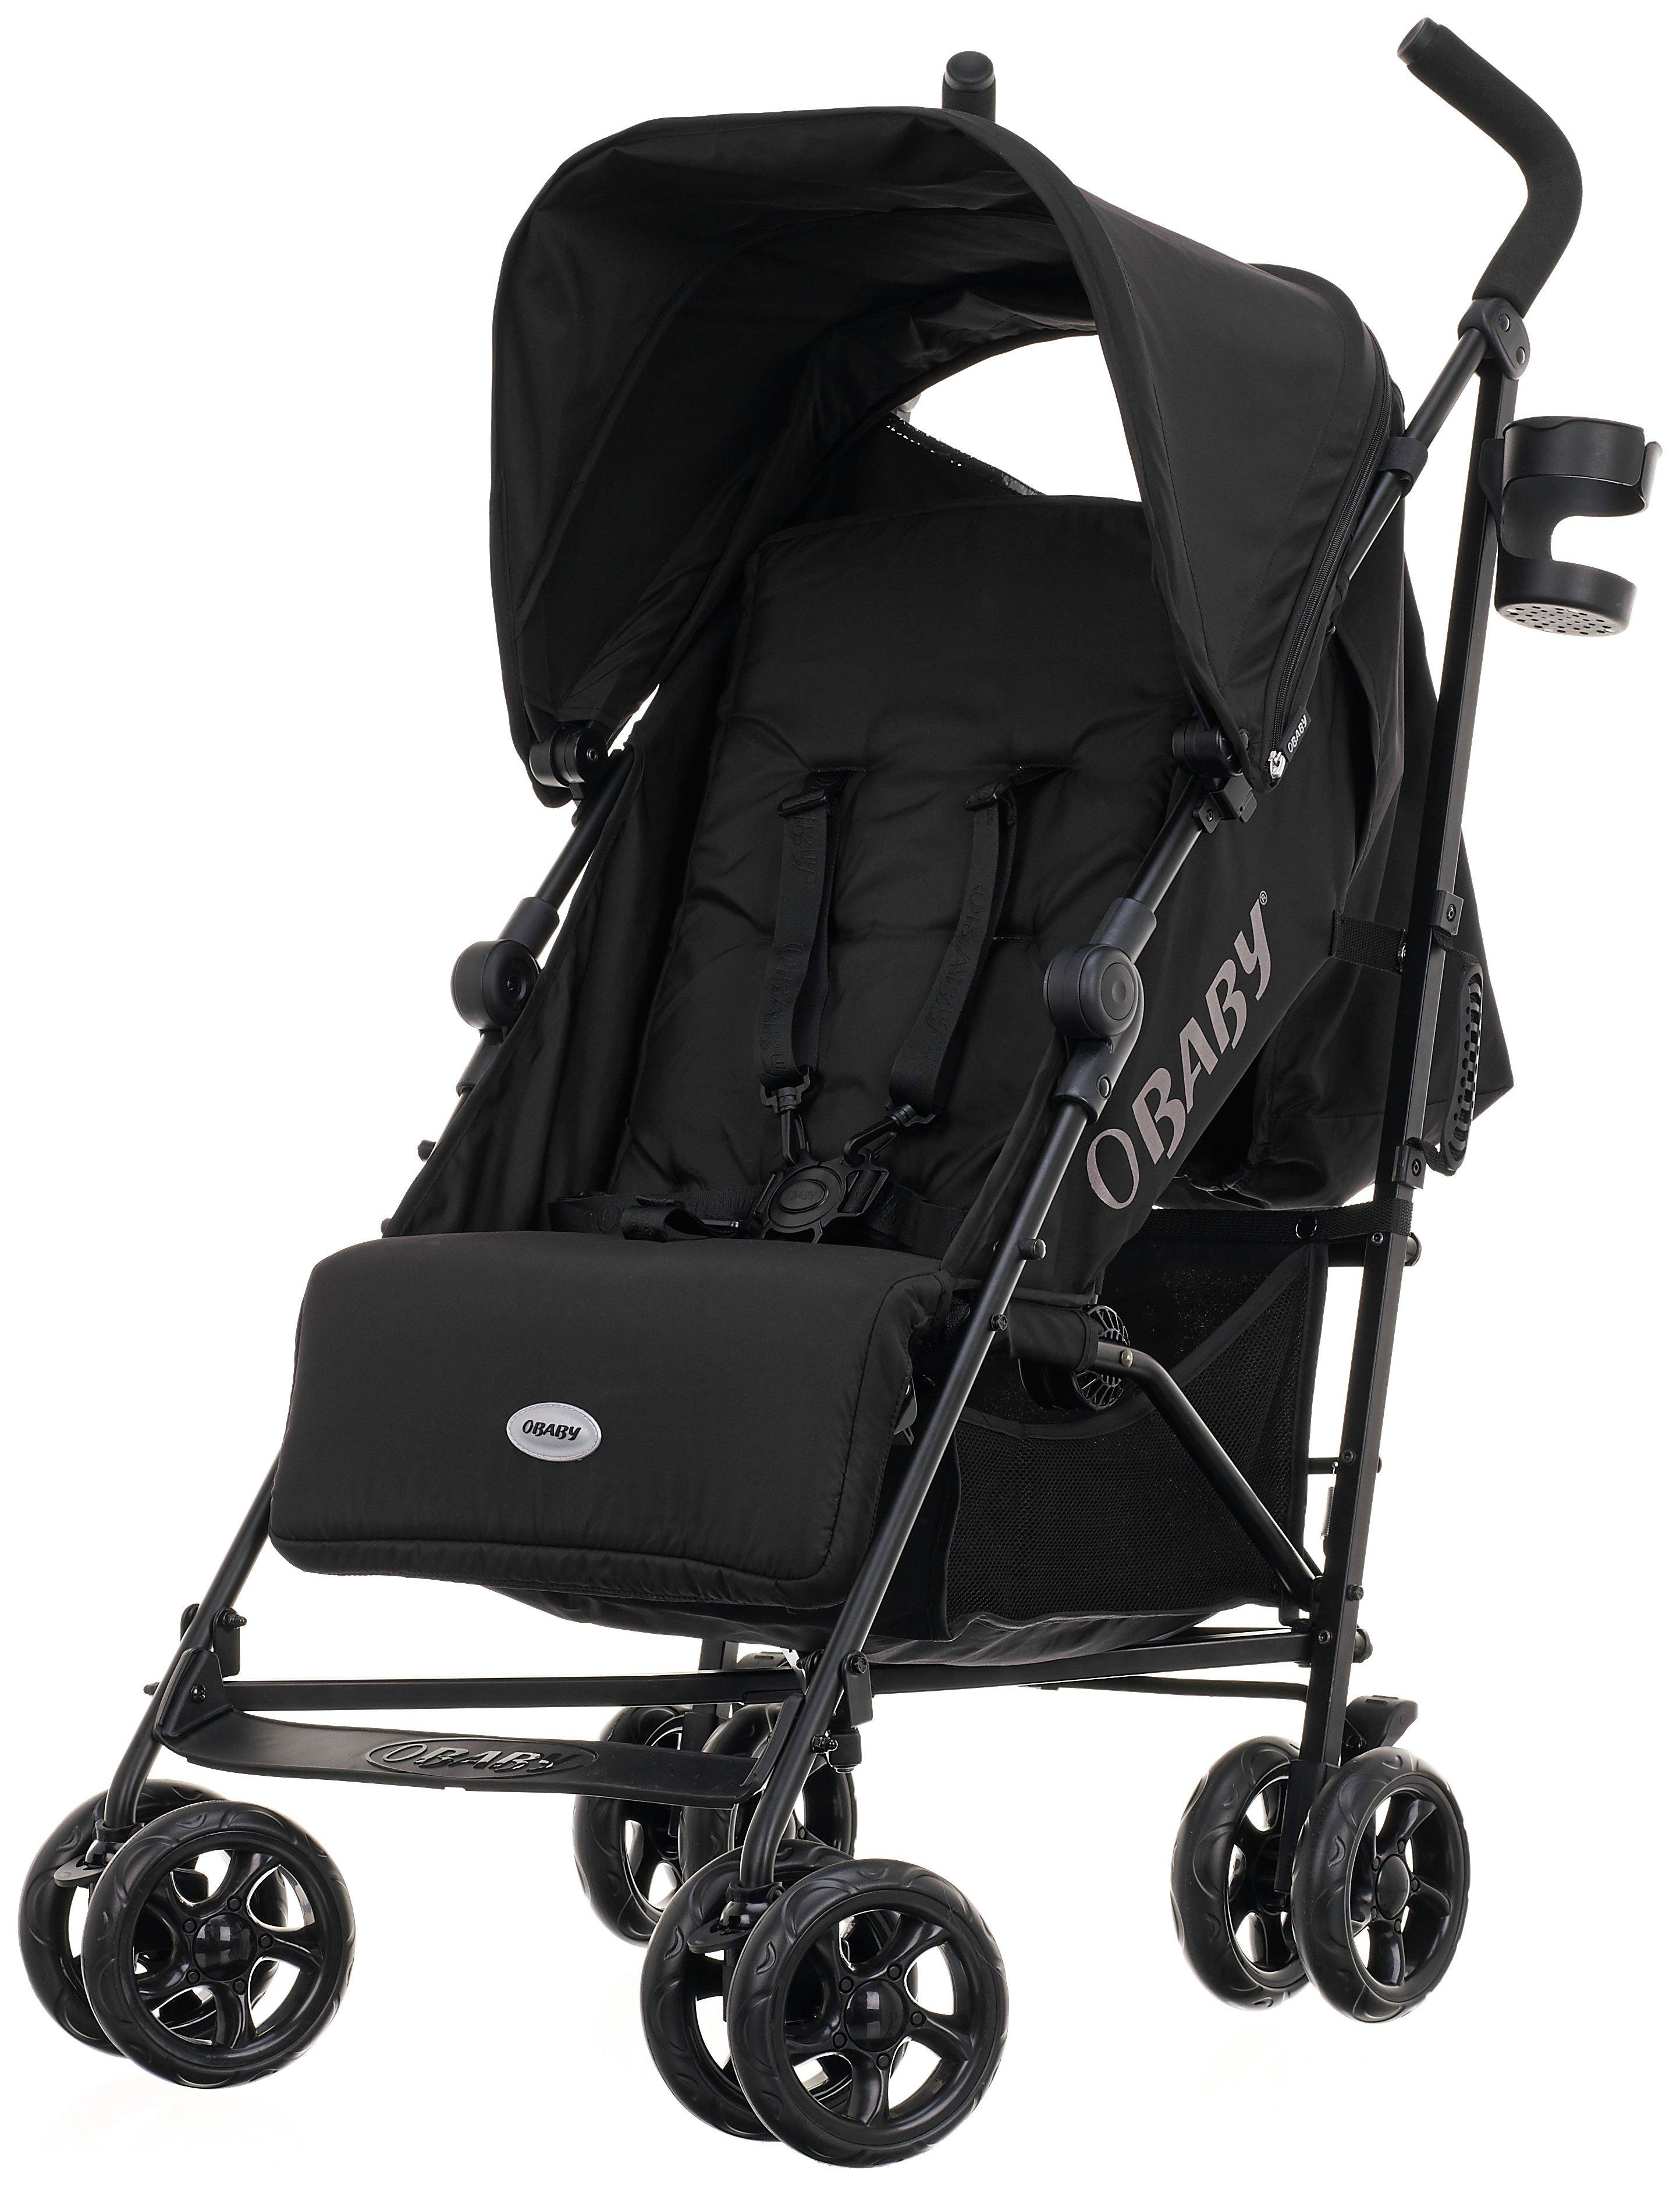 obaby-zeal-stroller-black